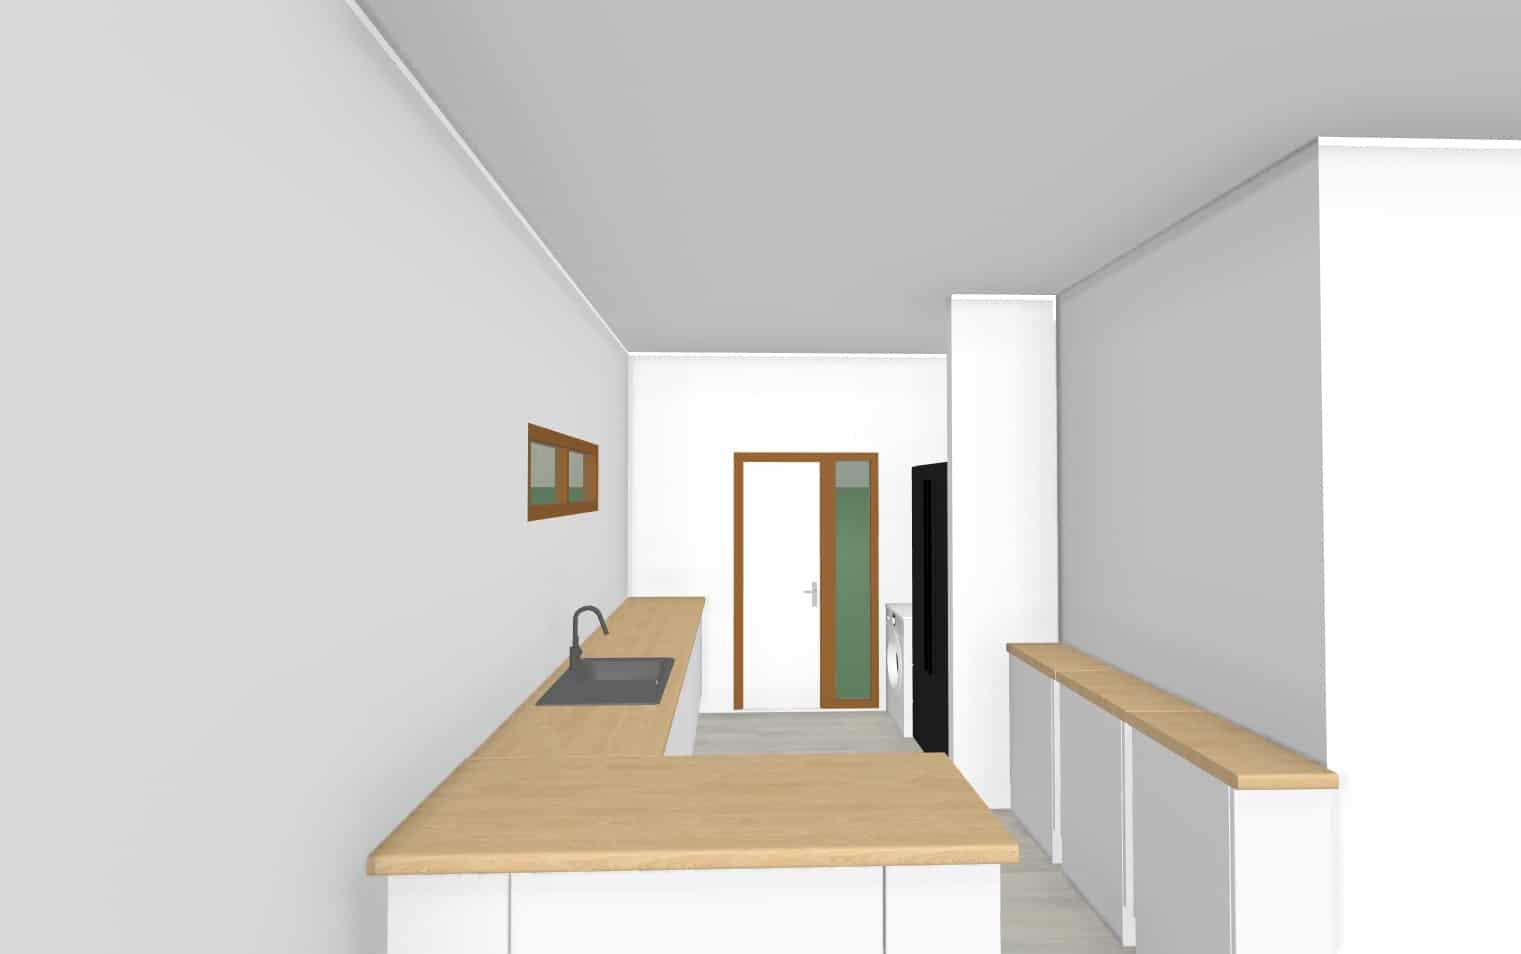 Vista cocina    103 m2Casa mediterranea prefabricada en U